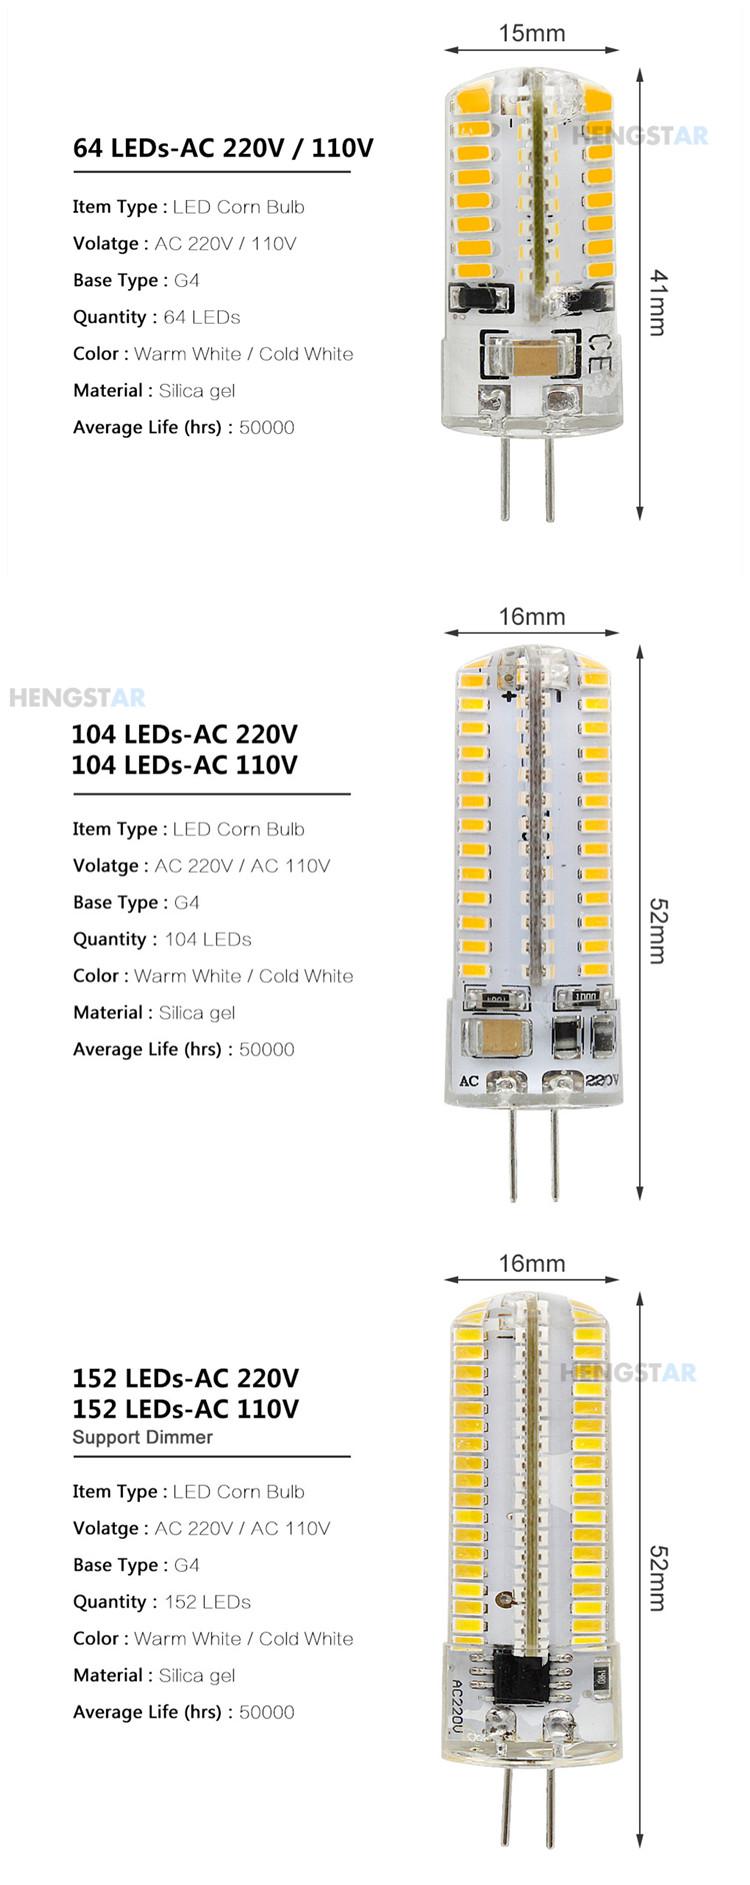 Smallest Led Lights 2700k On 24v G4 Buy Circuit Series 5b15dledcircuitjpgd